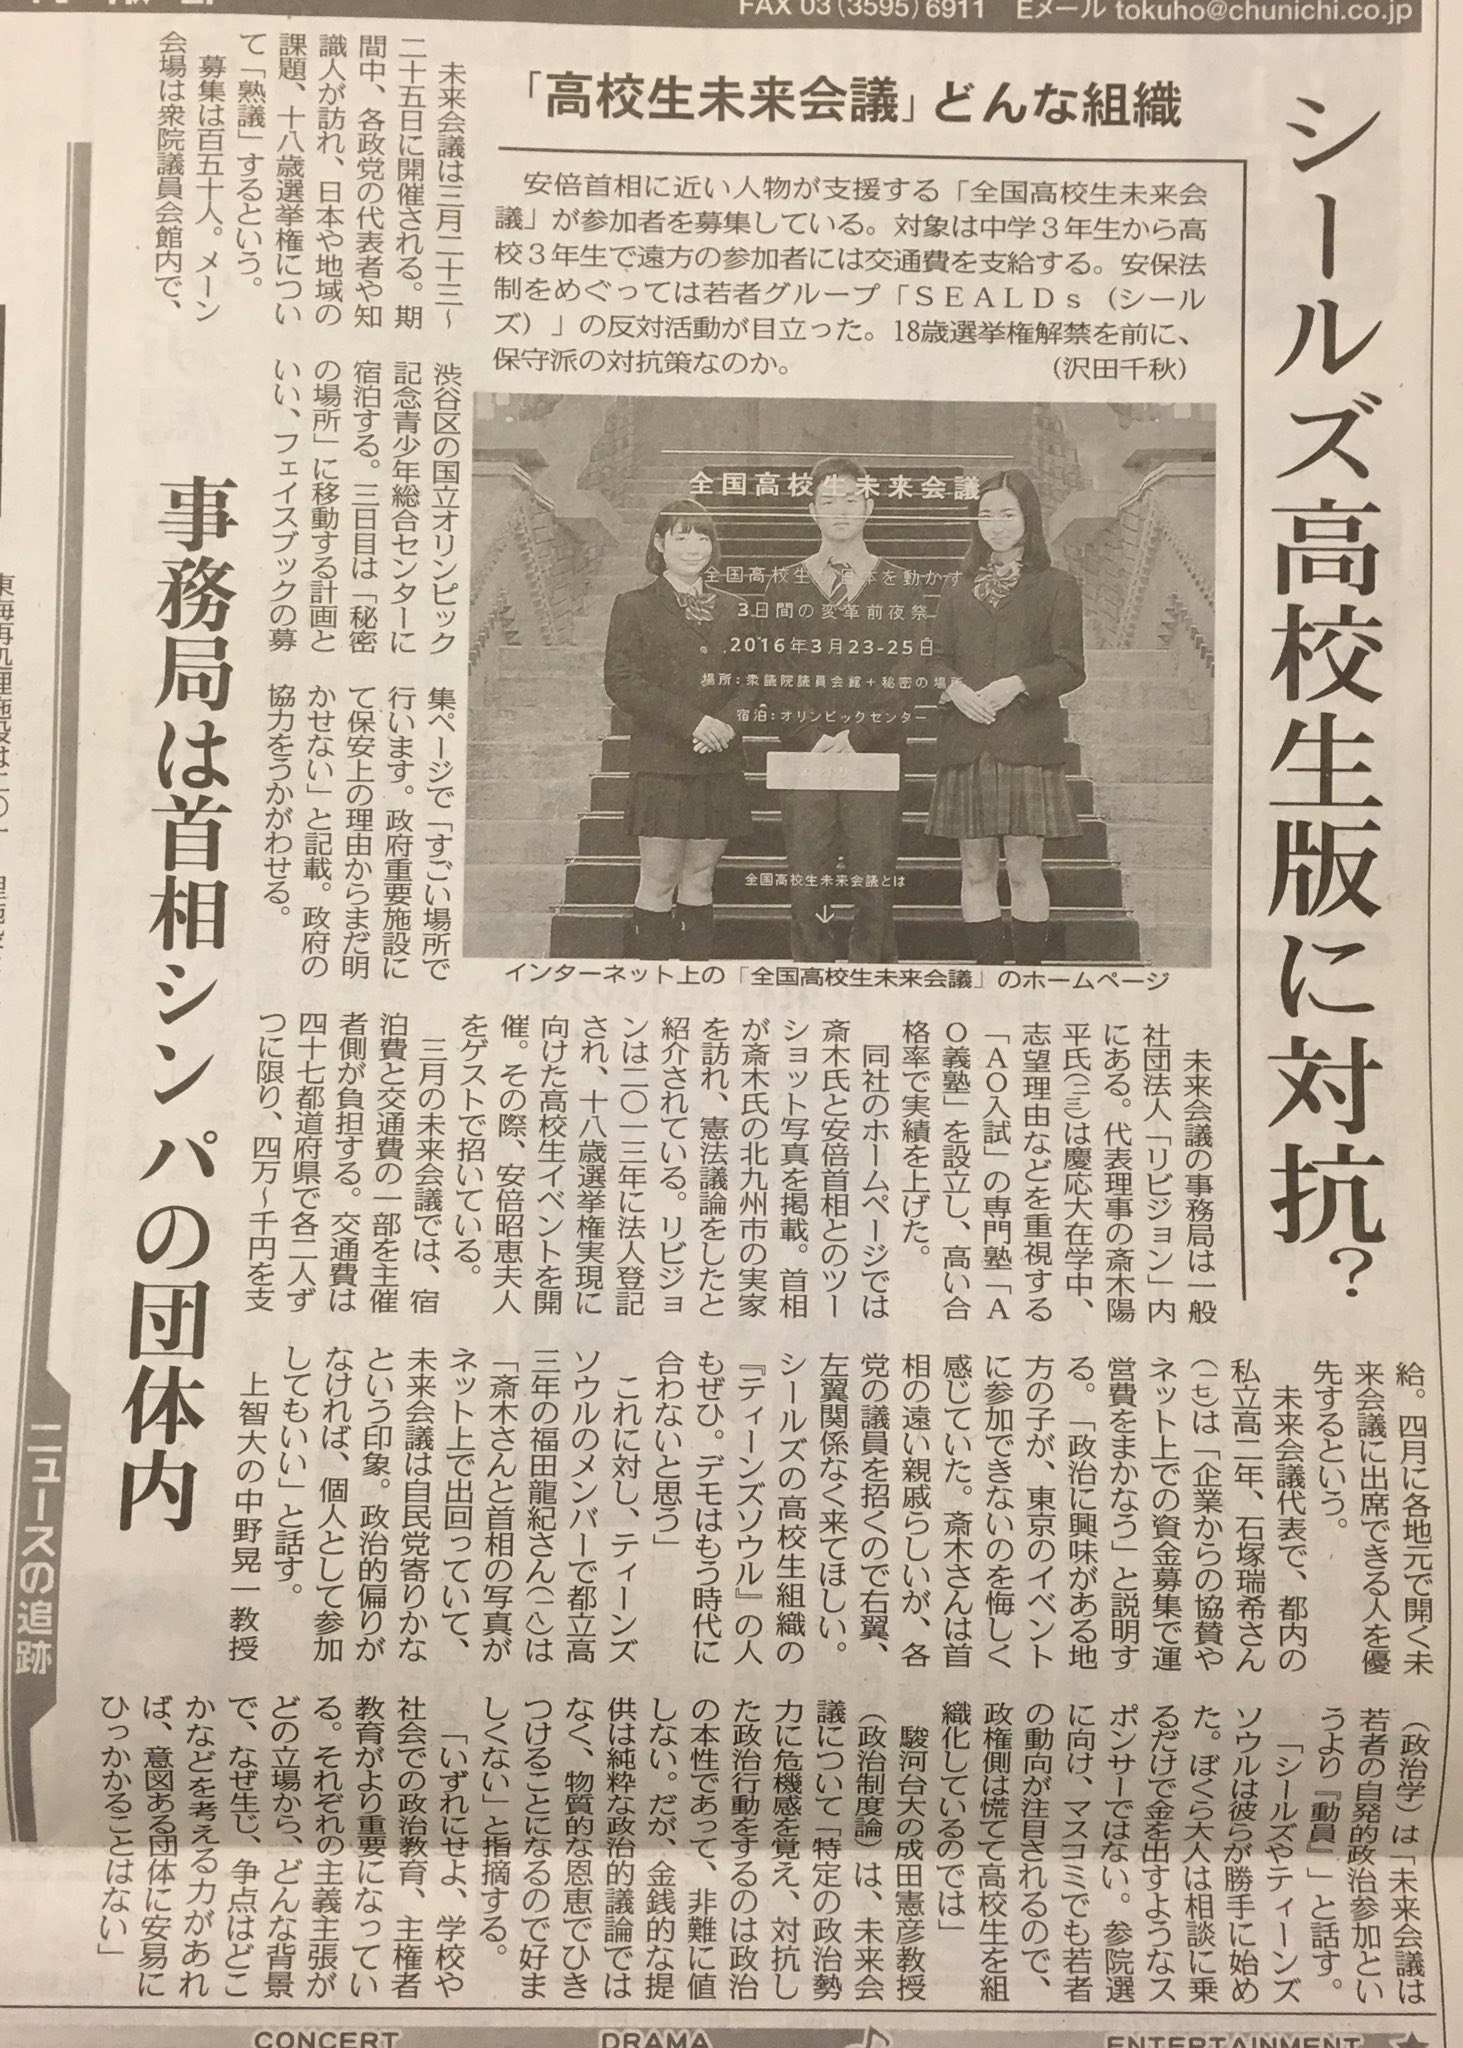 安倍ぴょんの親戚、斎木陽平(AO義塾創設者)が関わってるSEALDs対抗組織「高校生未来会議」が東京新聞にすっぱ抜かれる